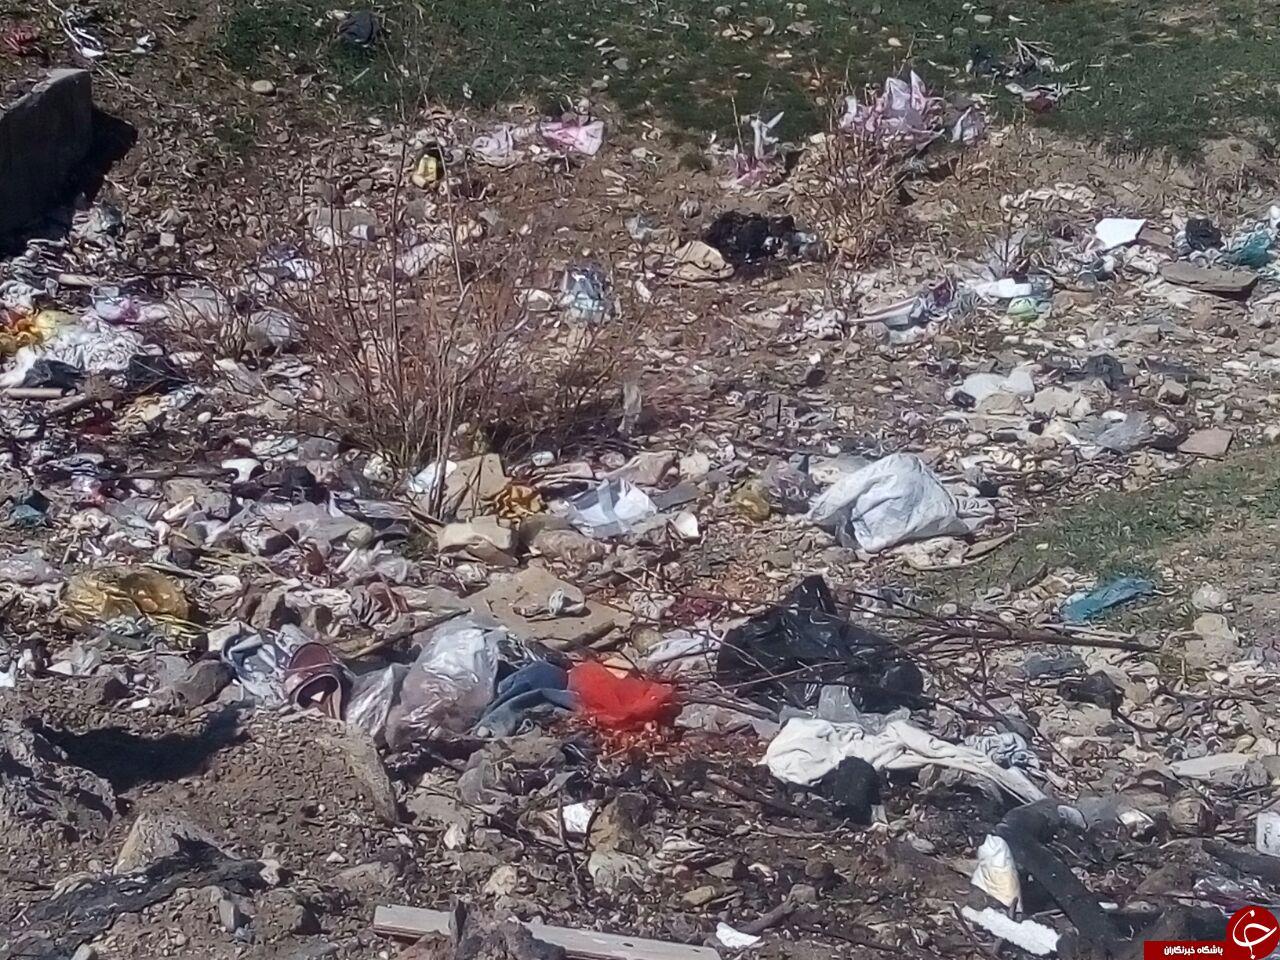 تصویرهایی از دپوی آشغال در روستای قیصریه